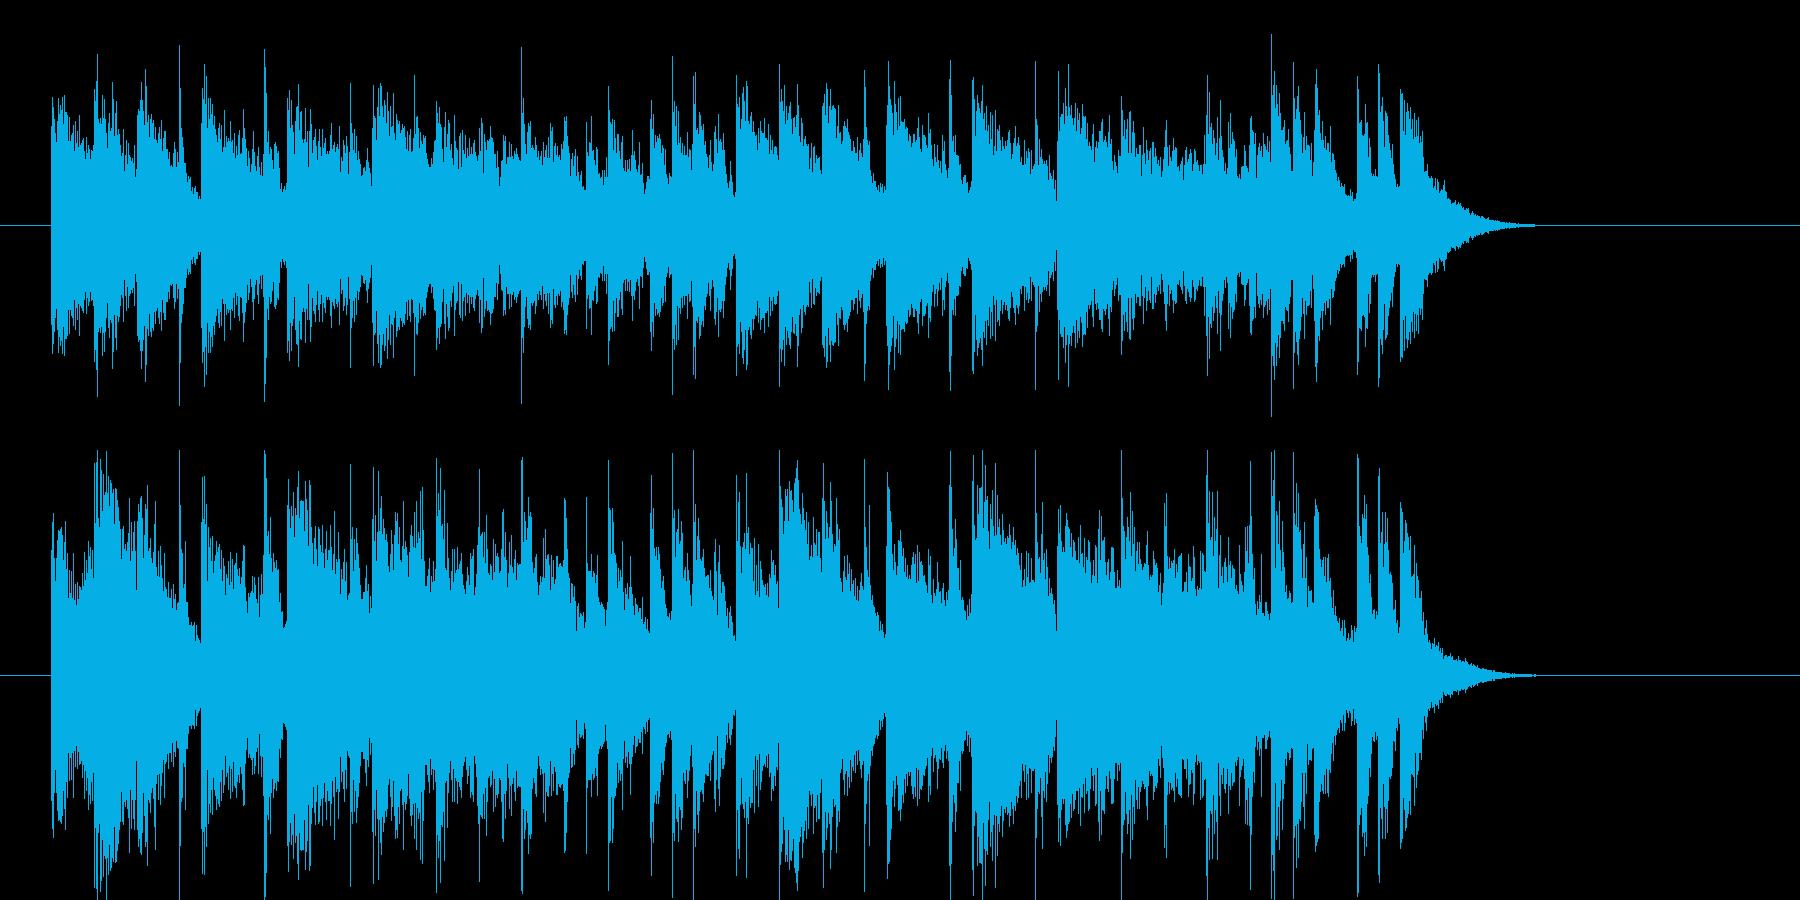 煌びやかでアップテンポなジングルの再生済みの波形